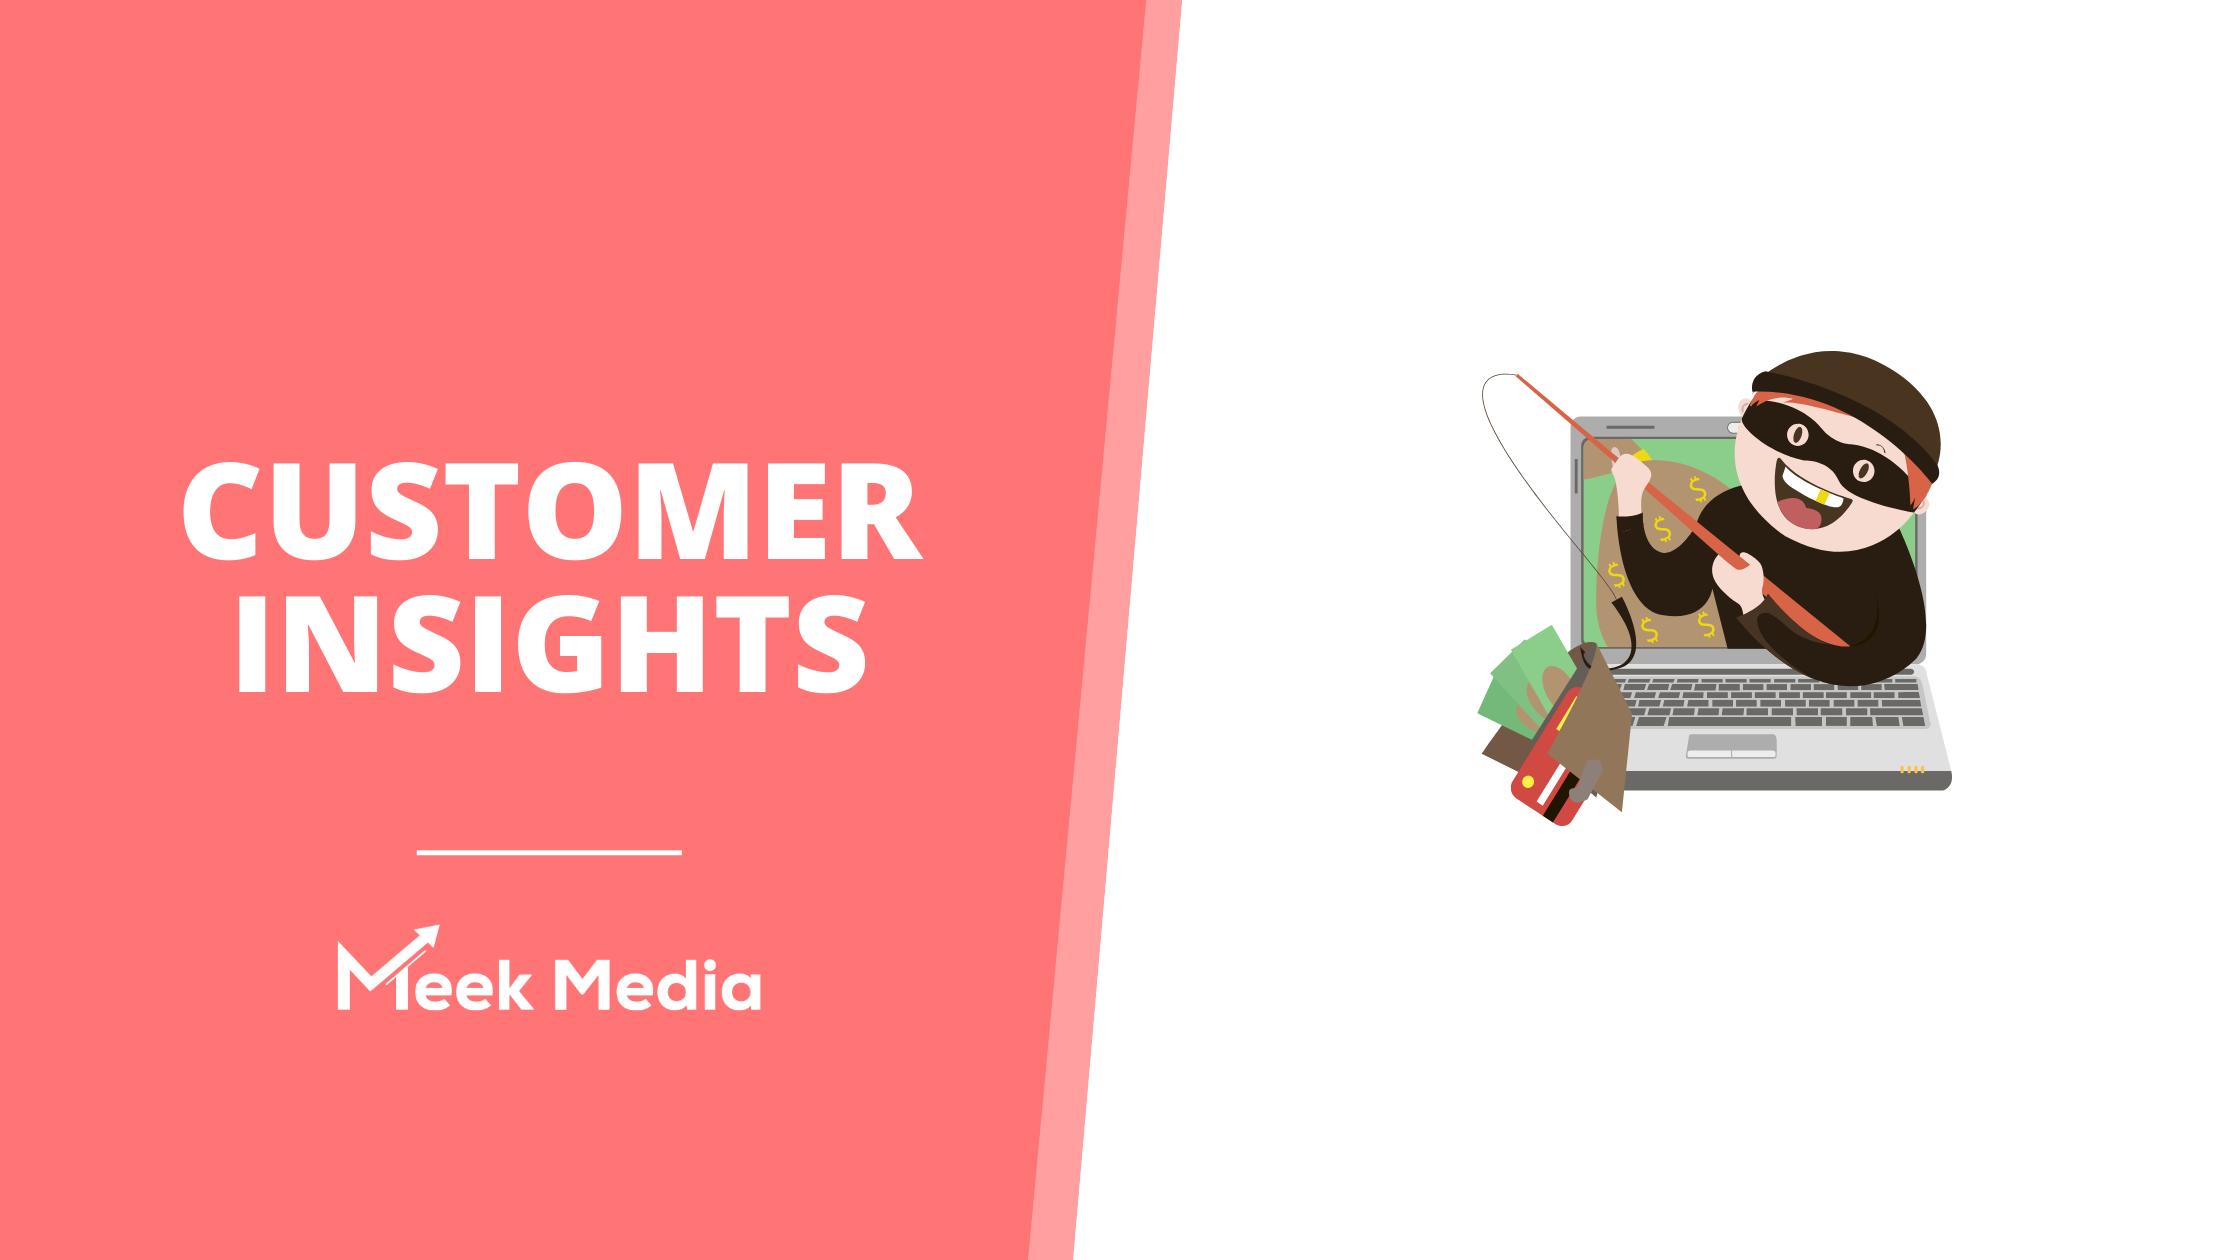 Benefits of advertising on social media - customer insights